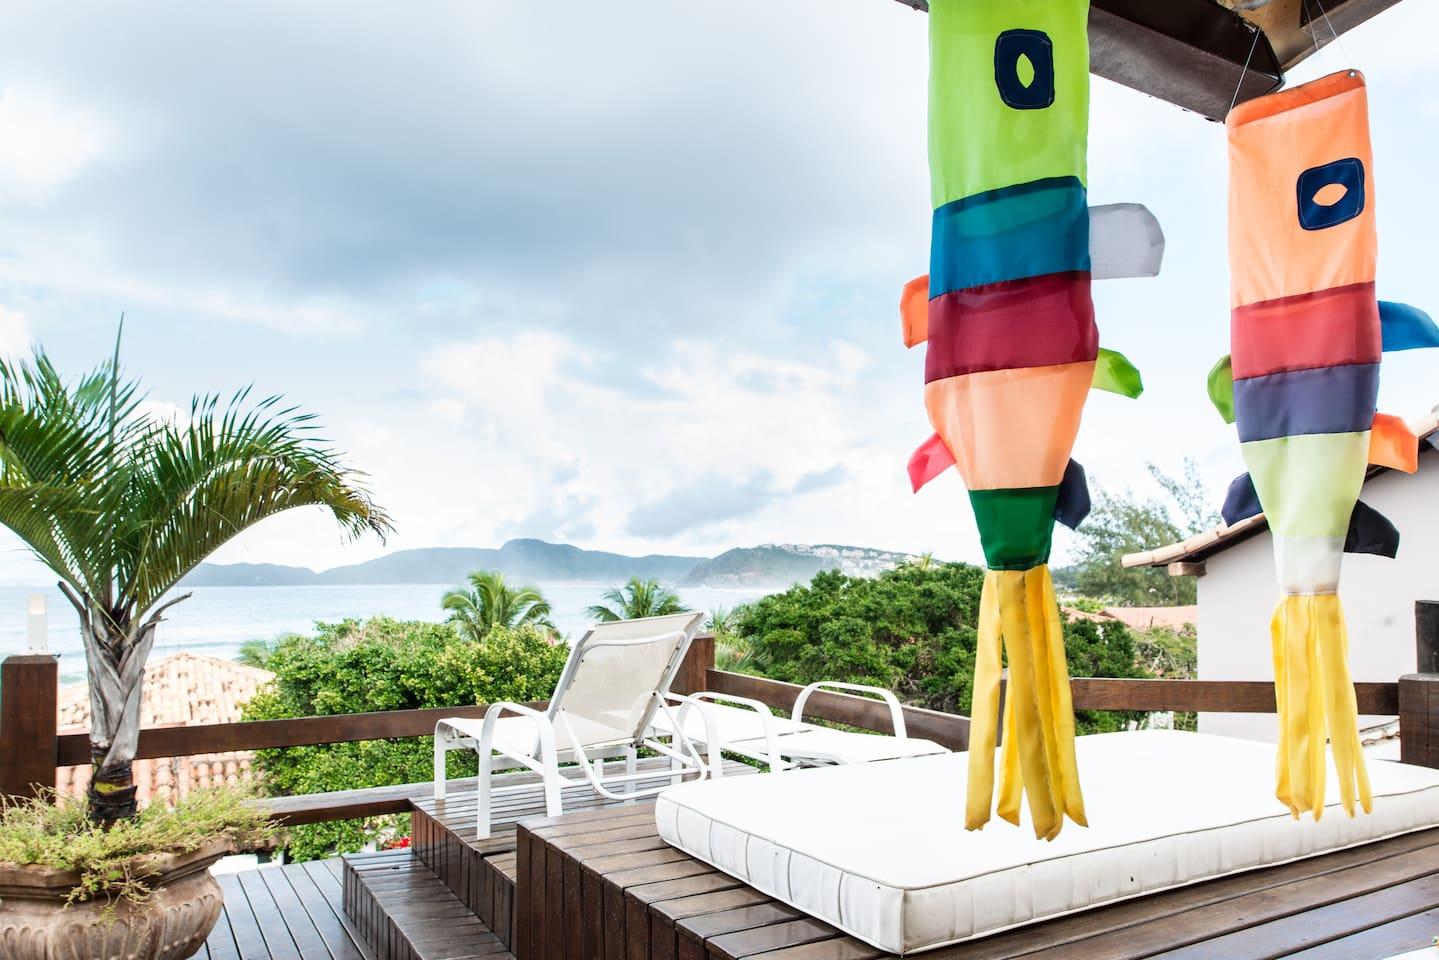 Casa de Búzios que vamos alugar, na foto tem cadeiras em frente a uma vista de praia